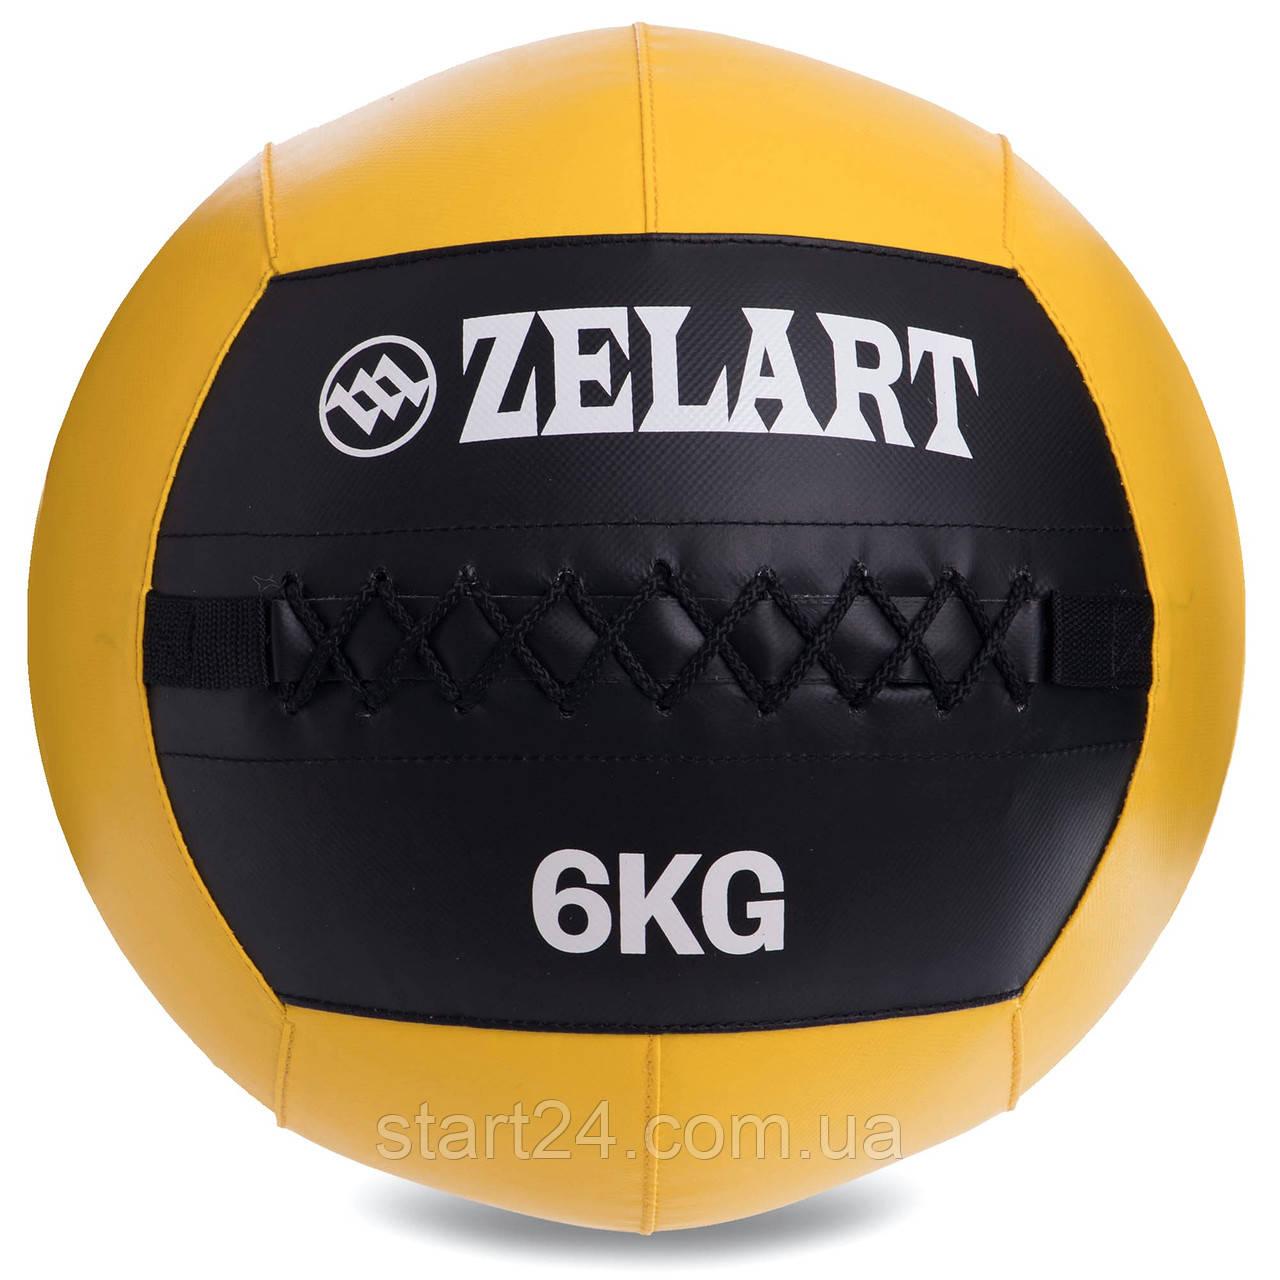 Мяч волбол для кроссфита и фитнеса 6кг Zelart WALL BALL FI-5168-6 (PU, наполнитель-метал. гранулы, d-33см,